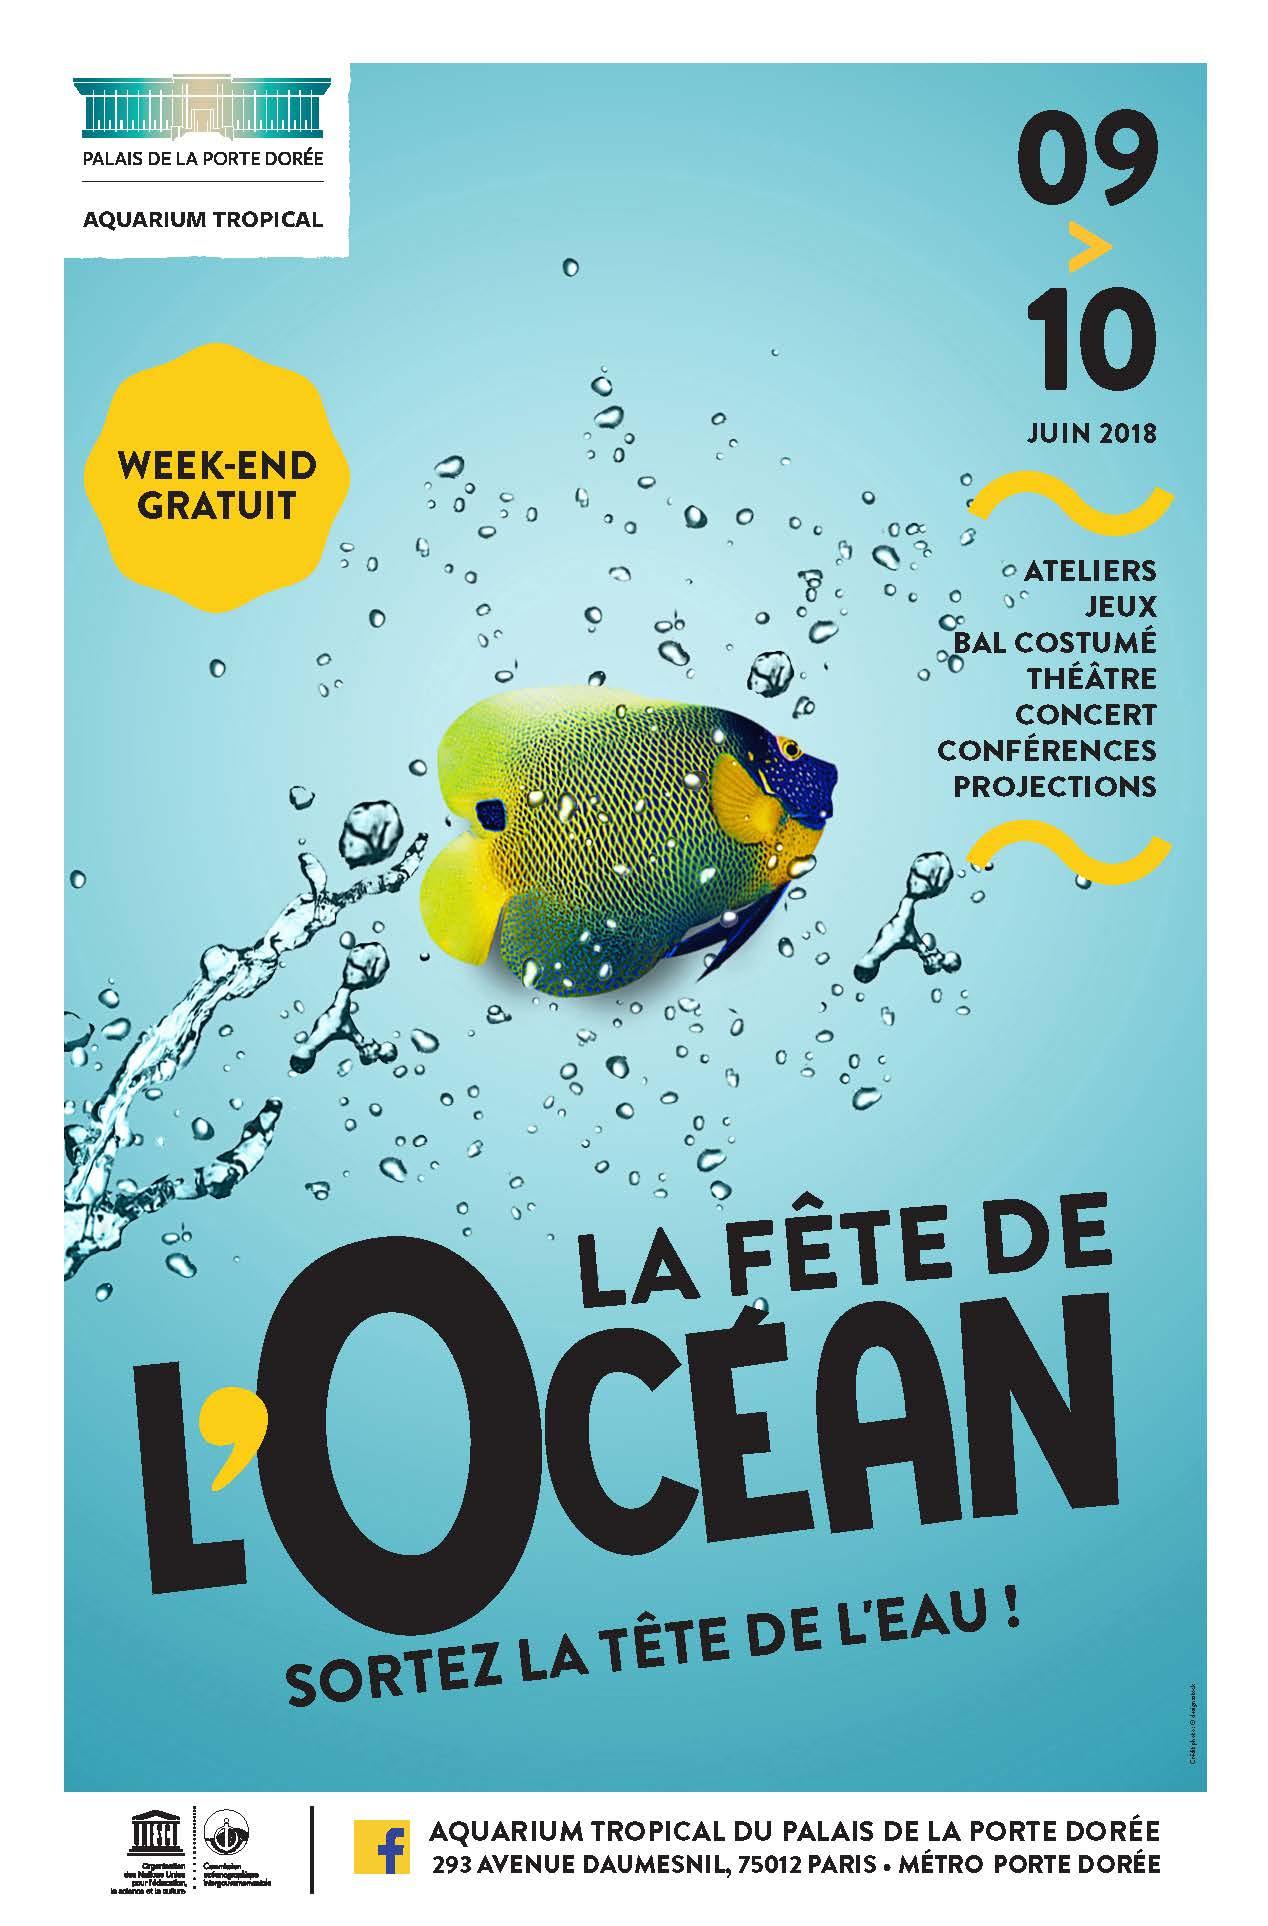 Affiche Fête de l'océan 2018